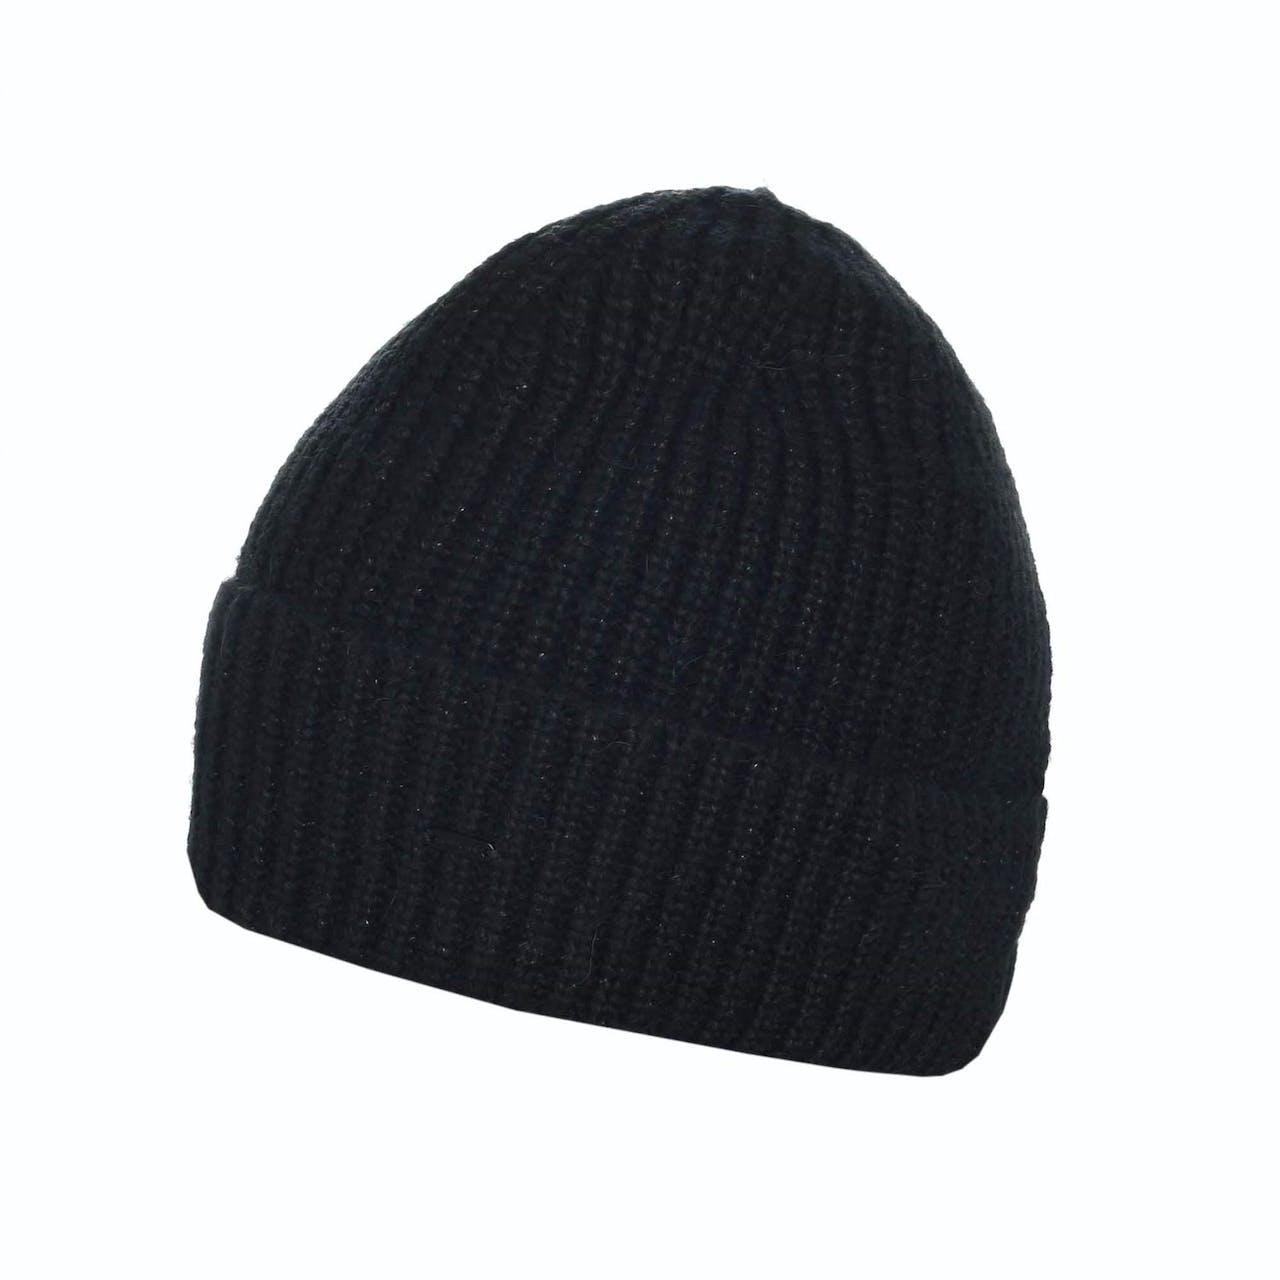 Strickmütze - Afiti cap